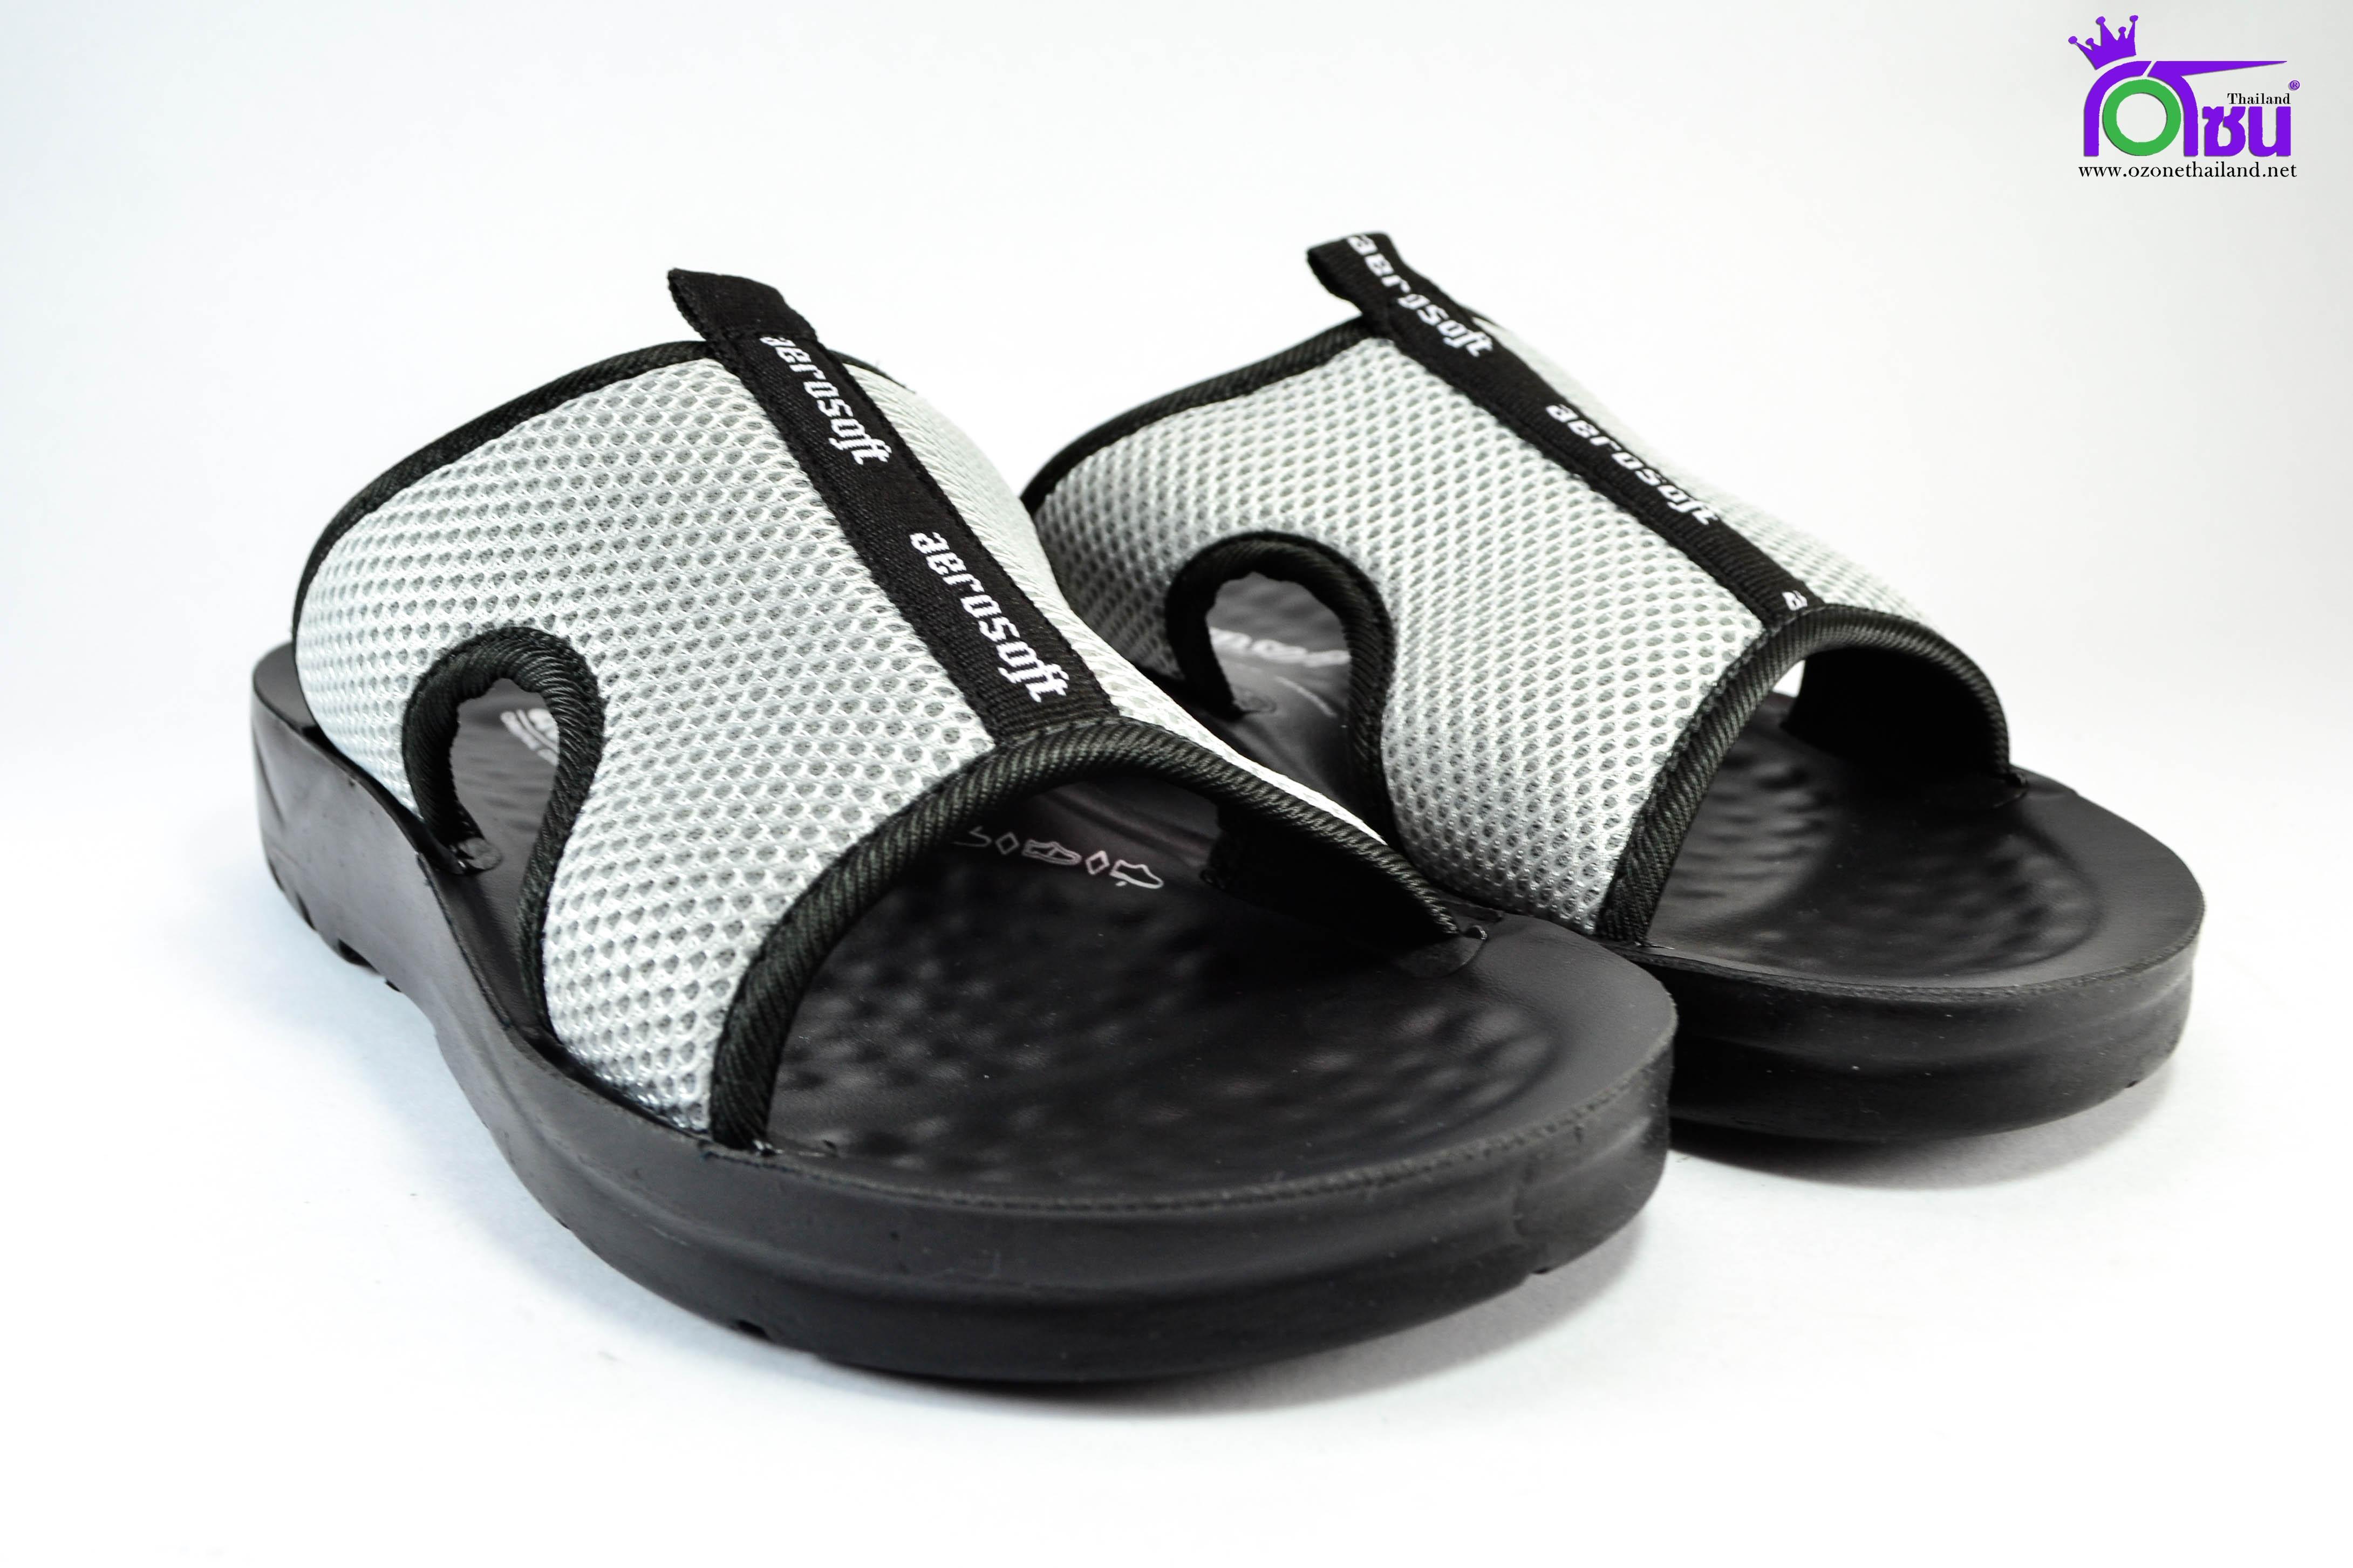 รองเท้าหนัง Aerosoft 5103 เทา